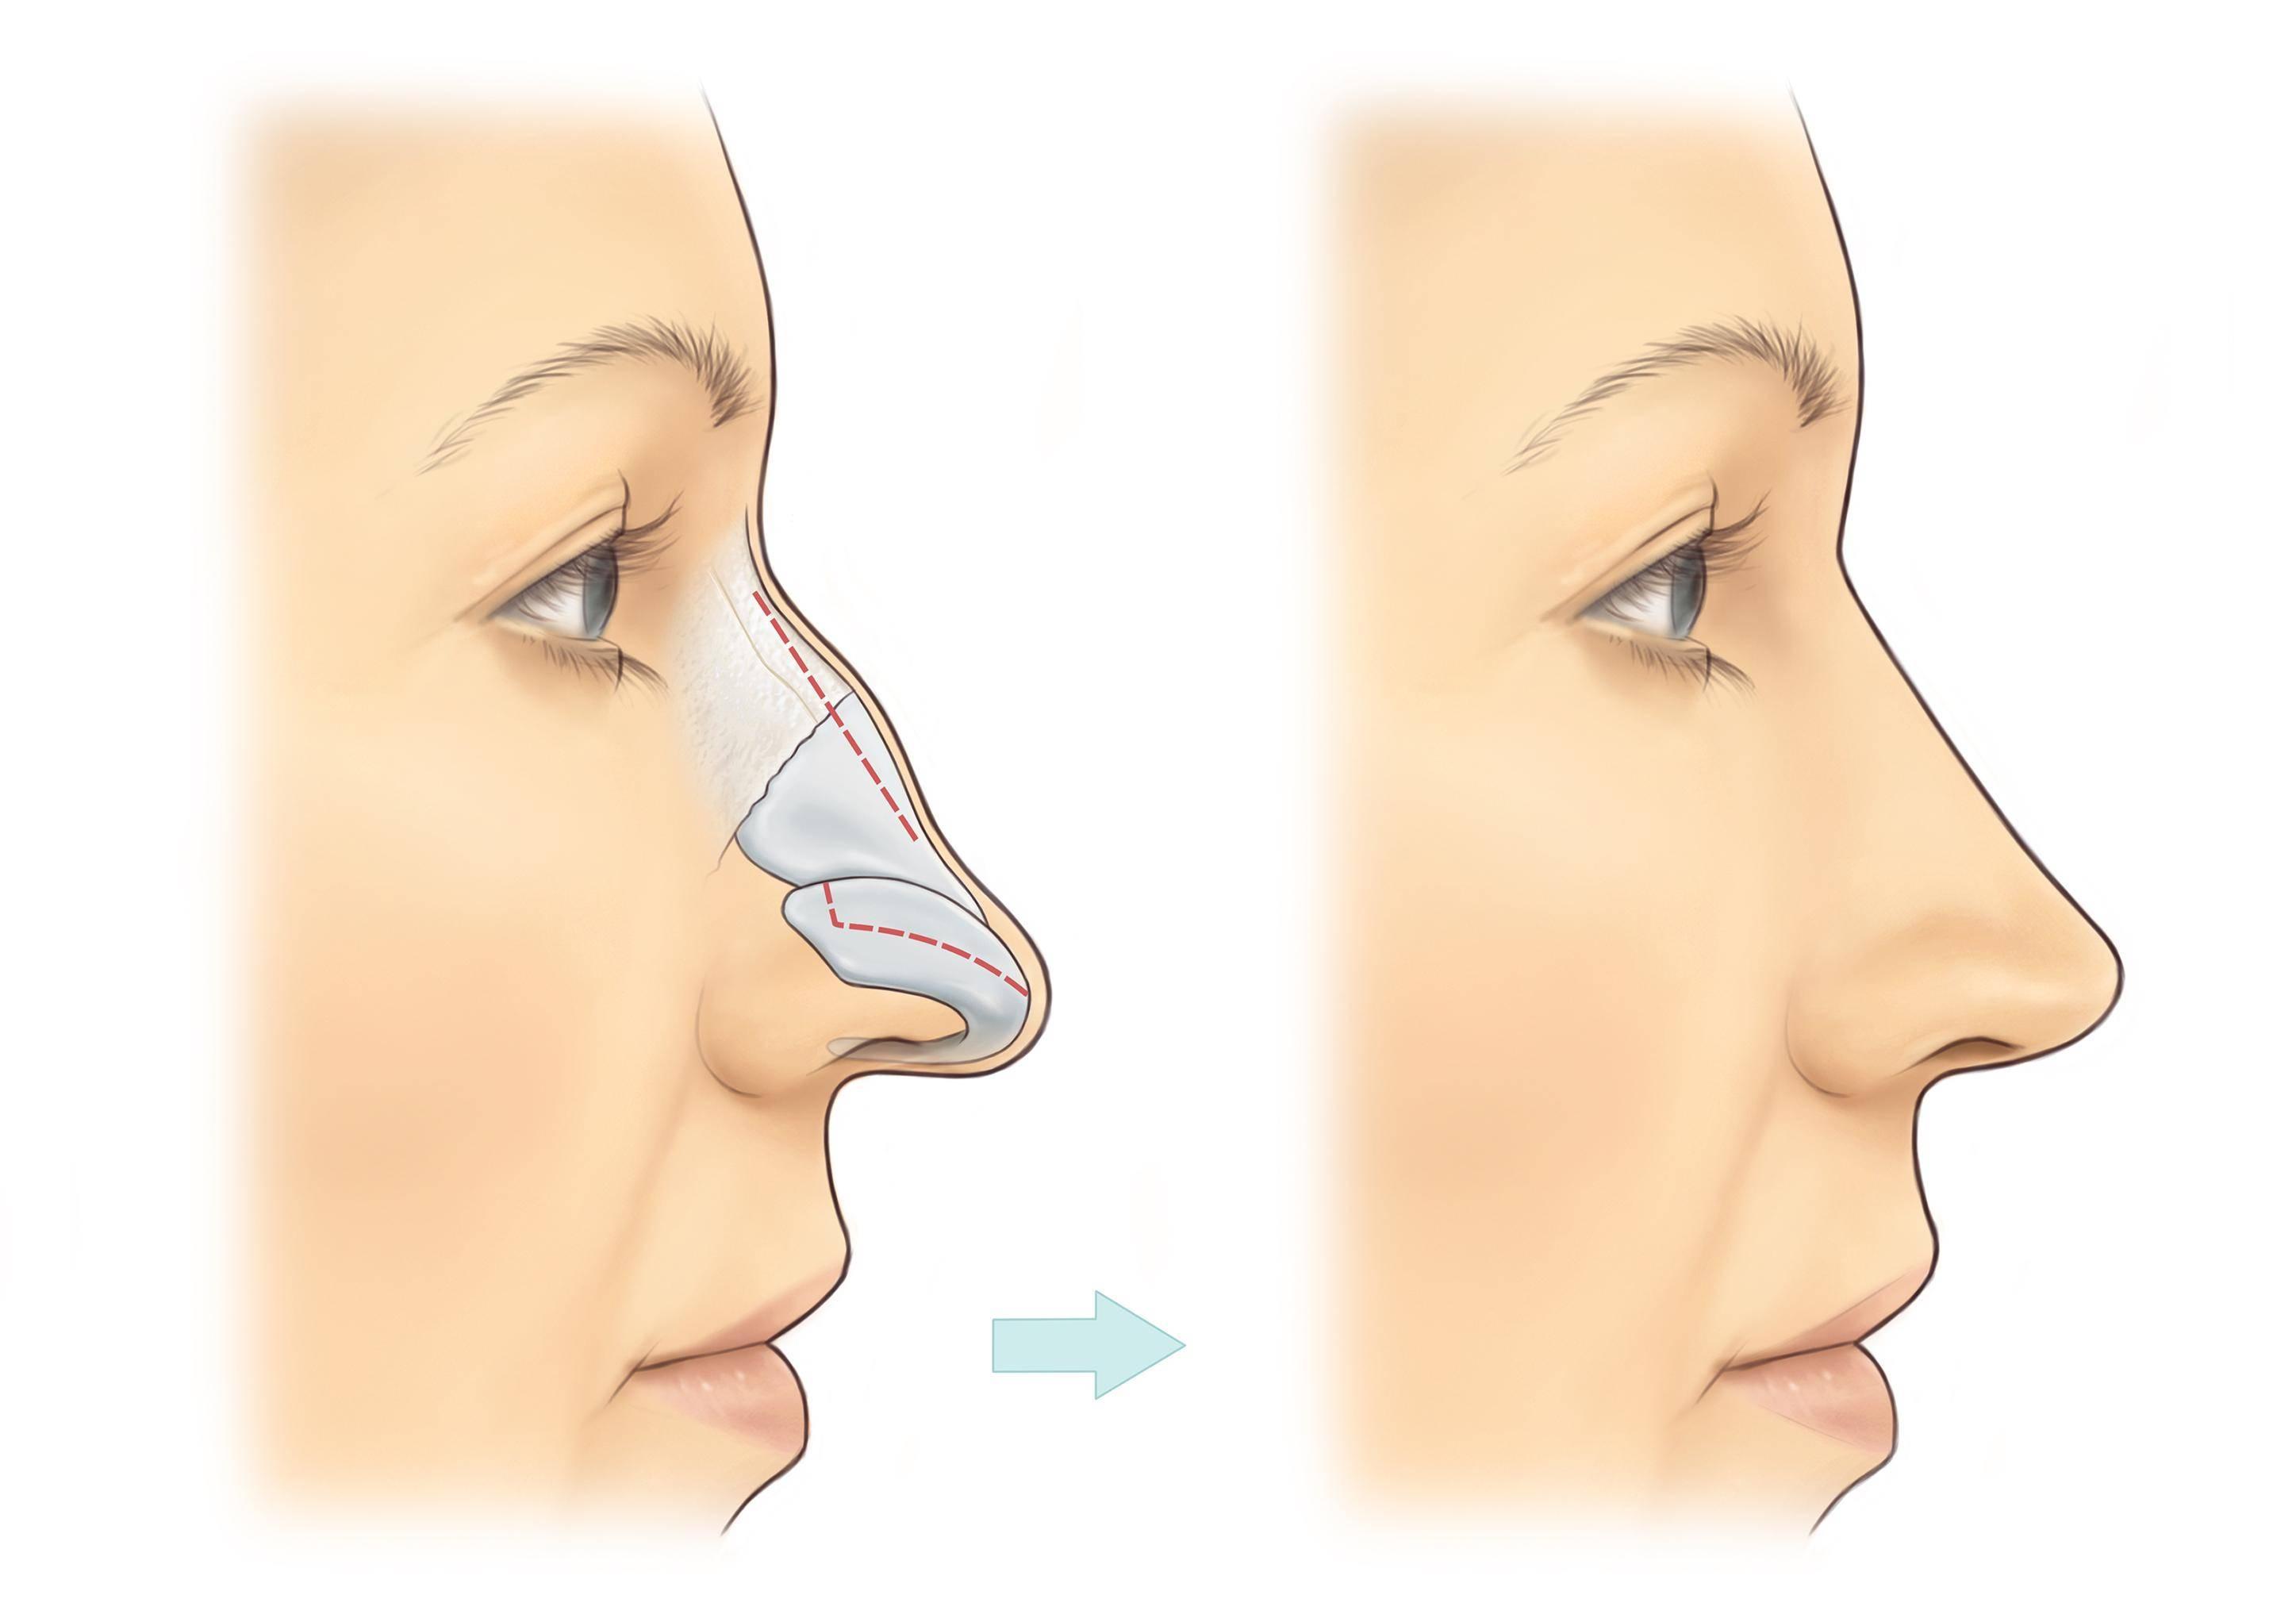 болит кончик носа при нажатии